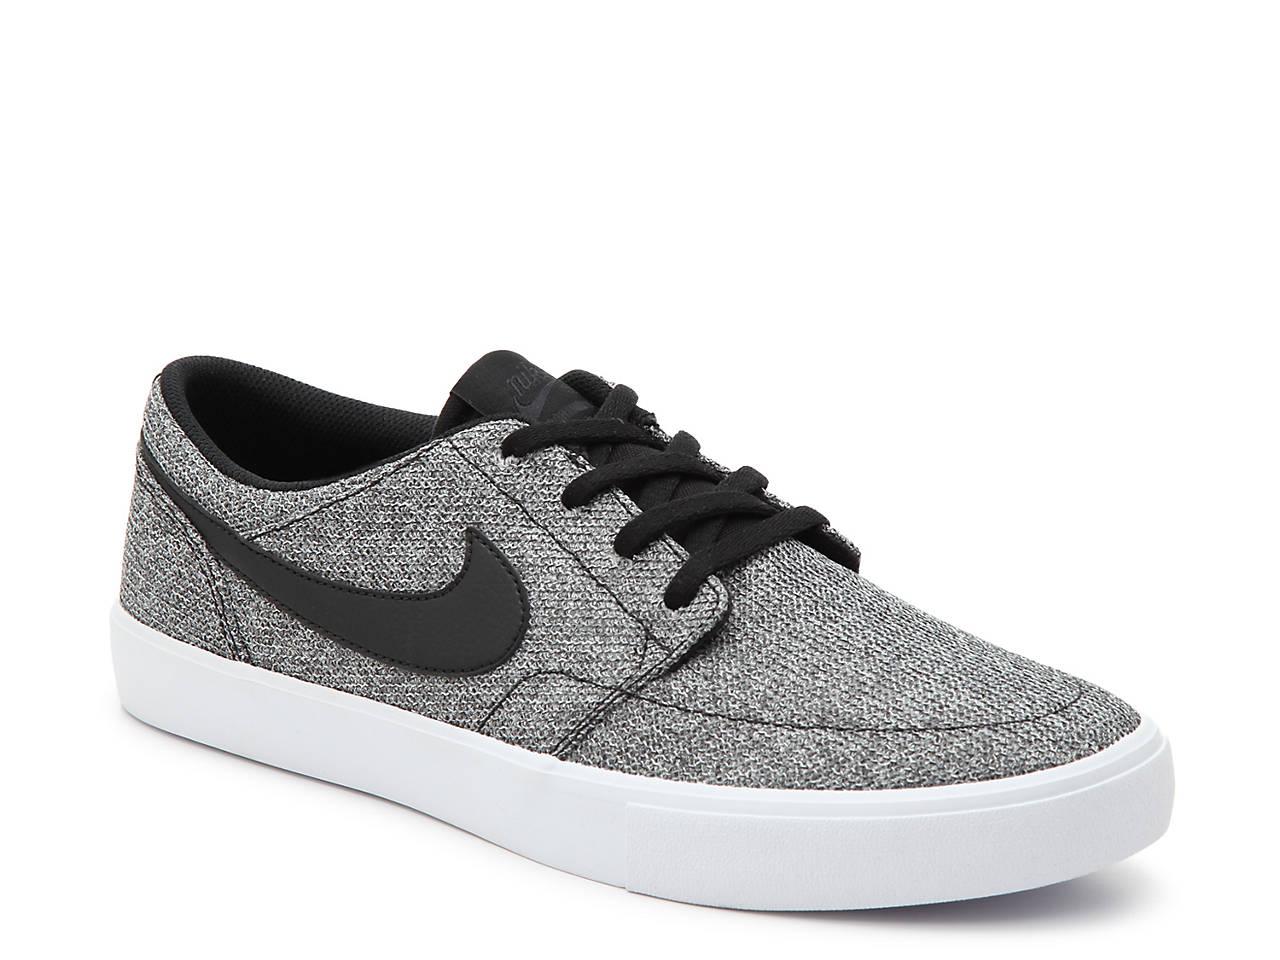 d67d87558d10 Nike SB Portmore II Canvas Sneaker - Men s Men s Shoes